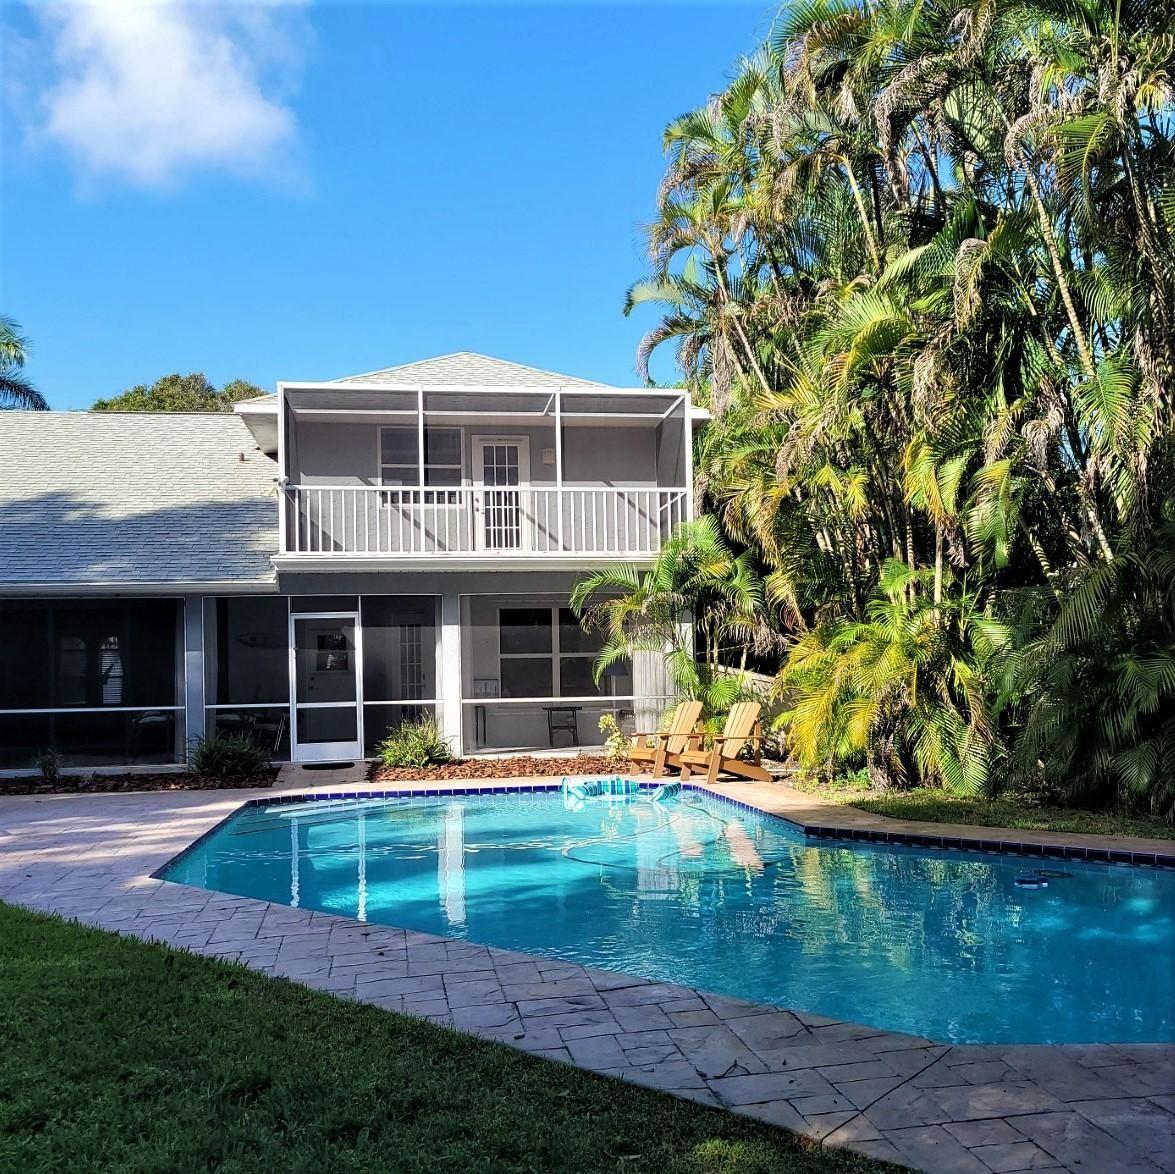 Photo of 233 NE Treebine Terrace, Jensen Beach, FL 34957 (MLS # RX-10666805)